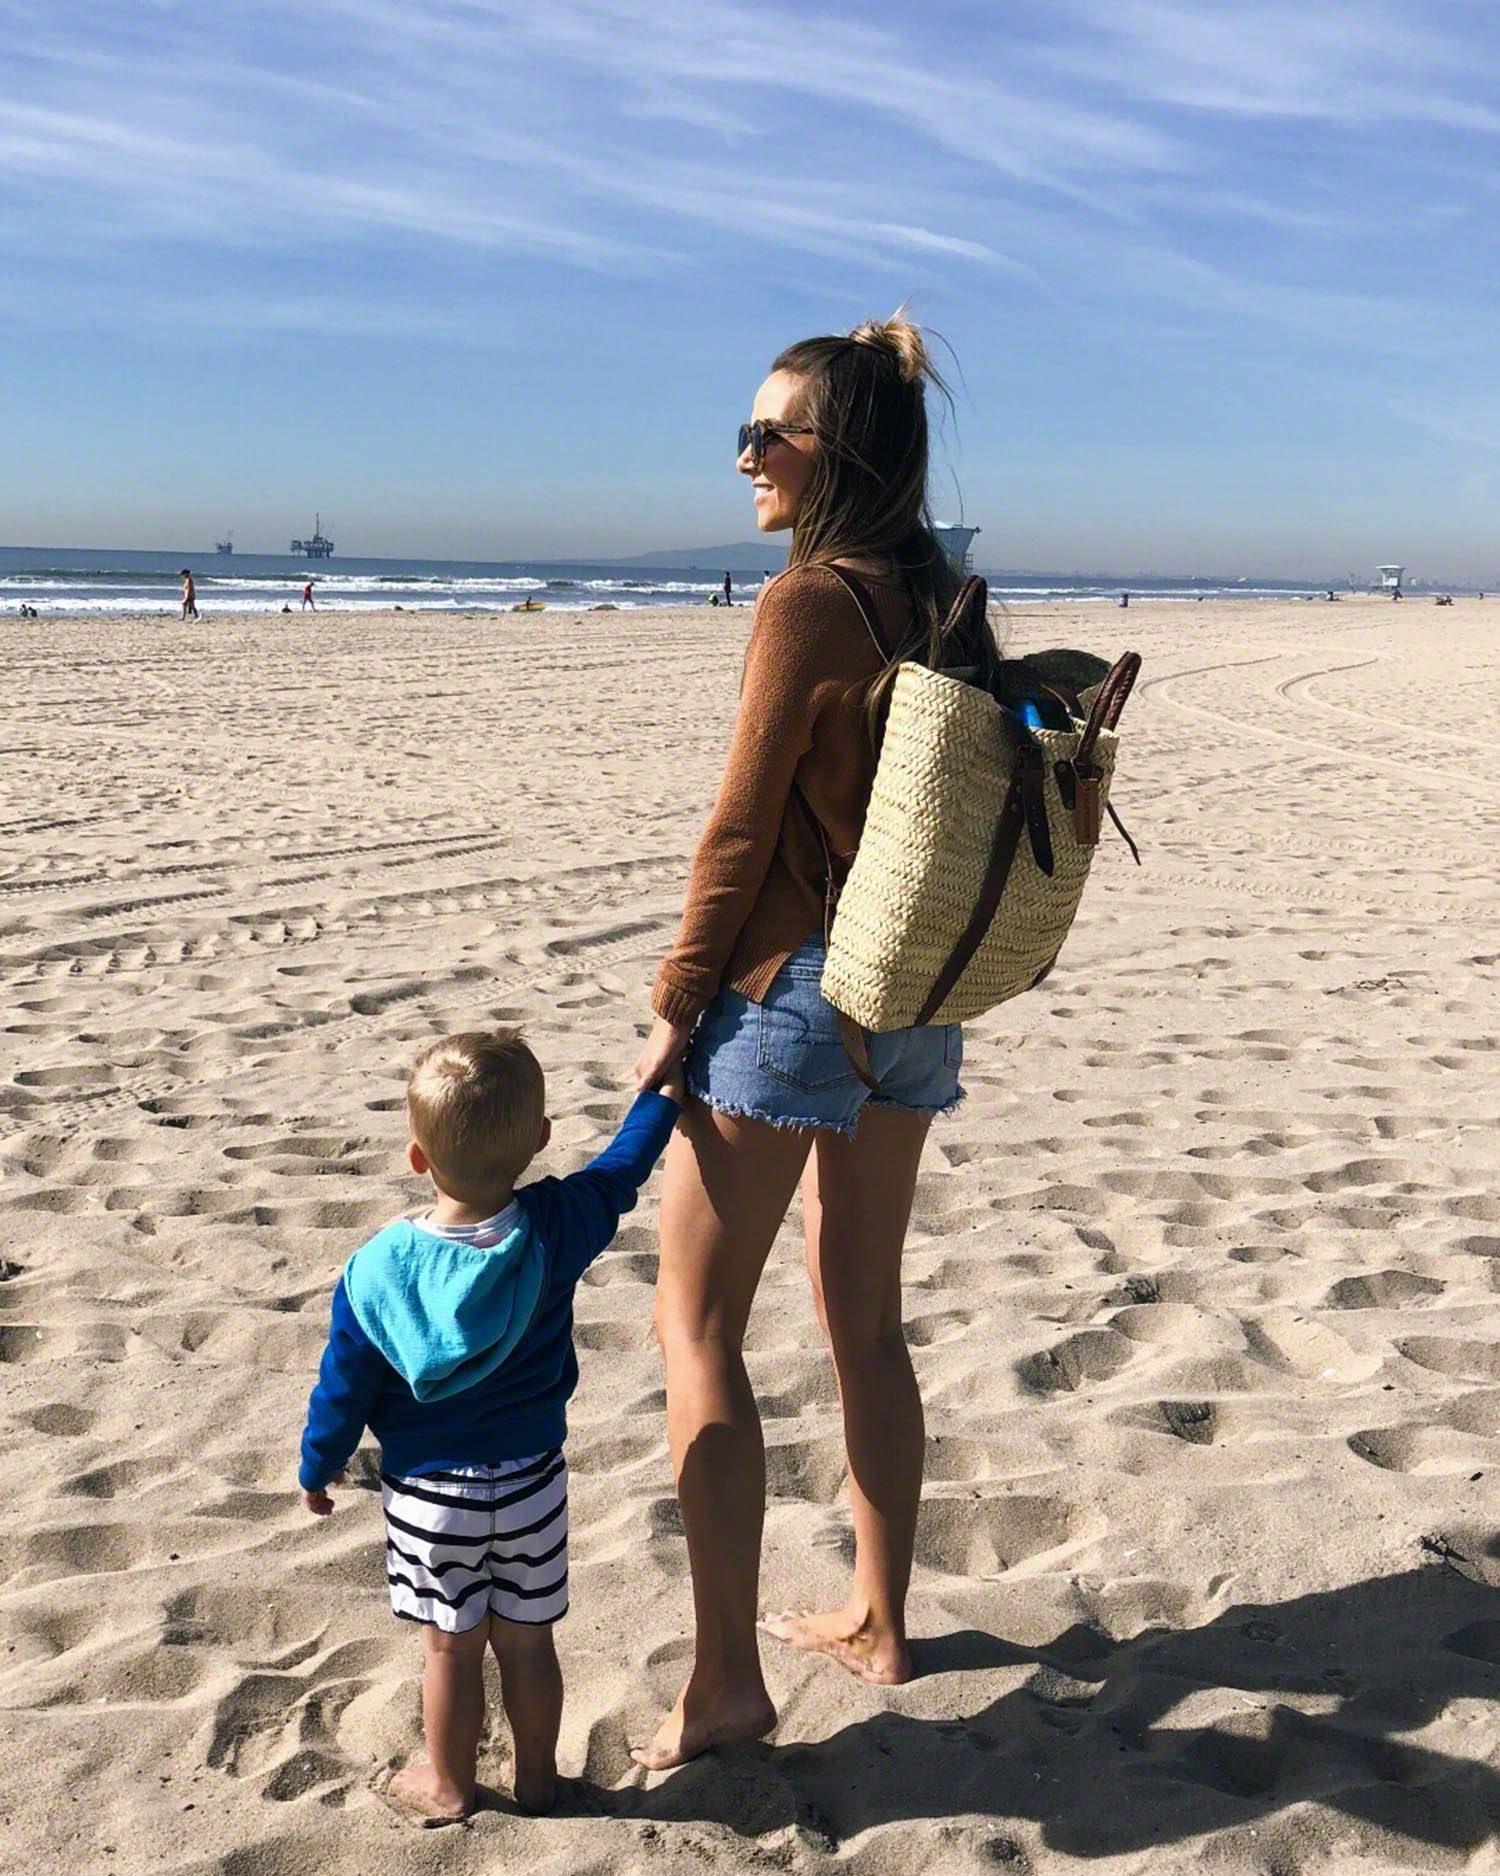 beach wear   merricksart.com